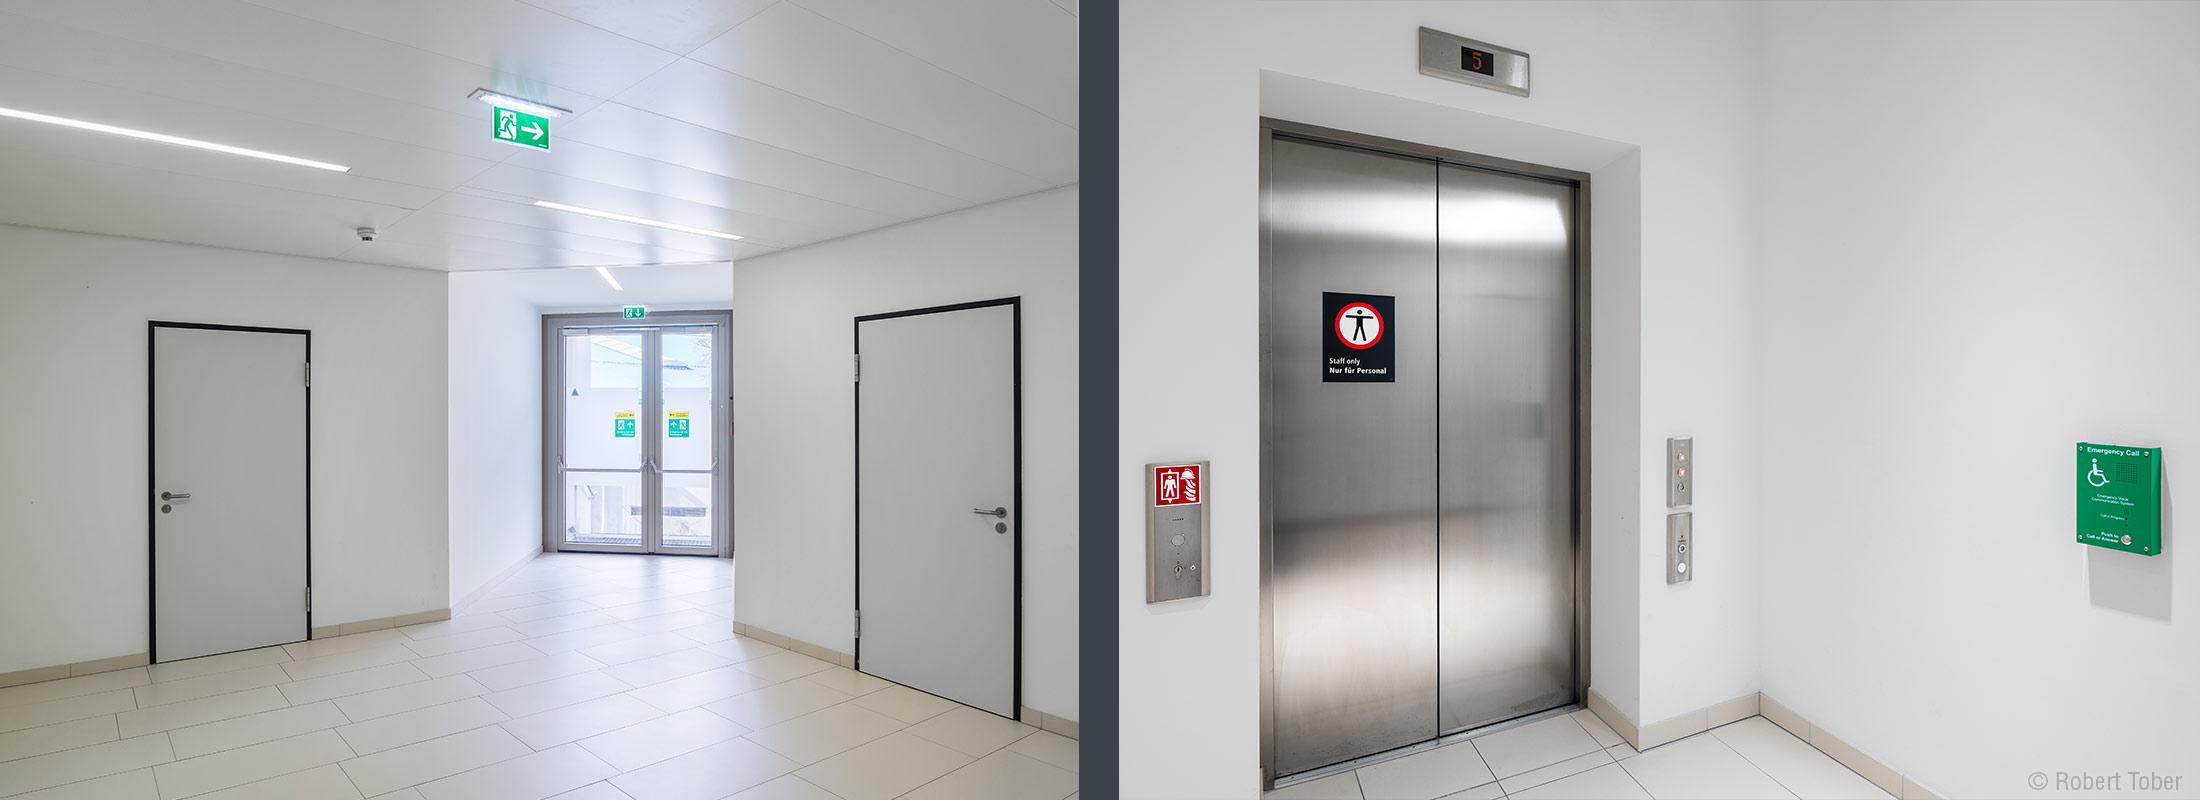 Bundesverwaltungsgericht Wien · Flucht- und Rettungswege nach Plänen von HOYER Brandschutz · Aufzug (KONE, Schindler) © Robert Tober